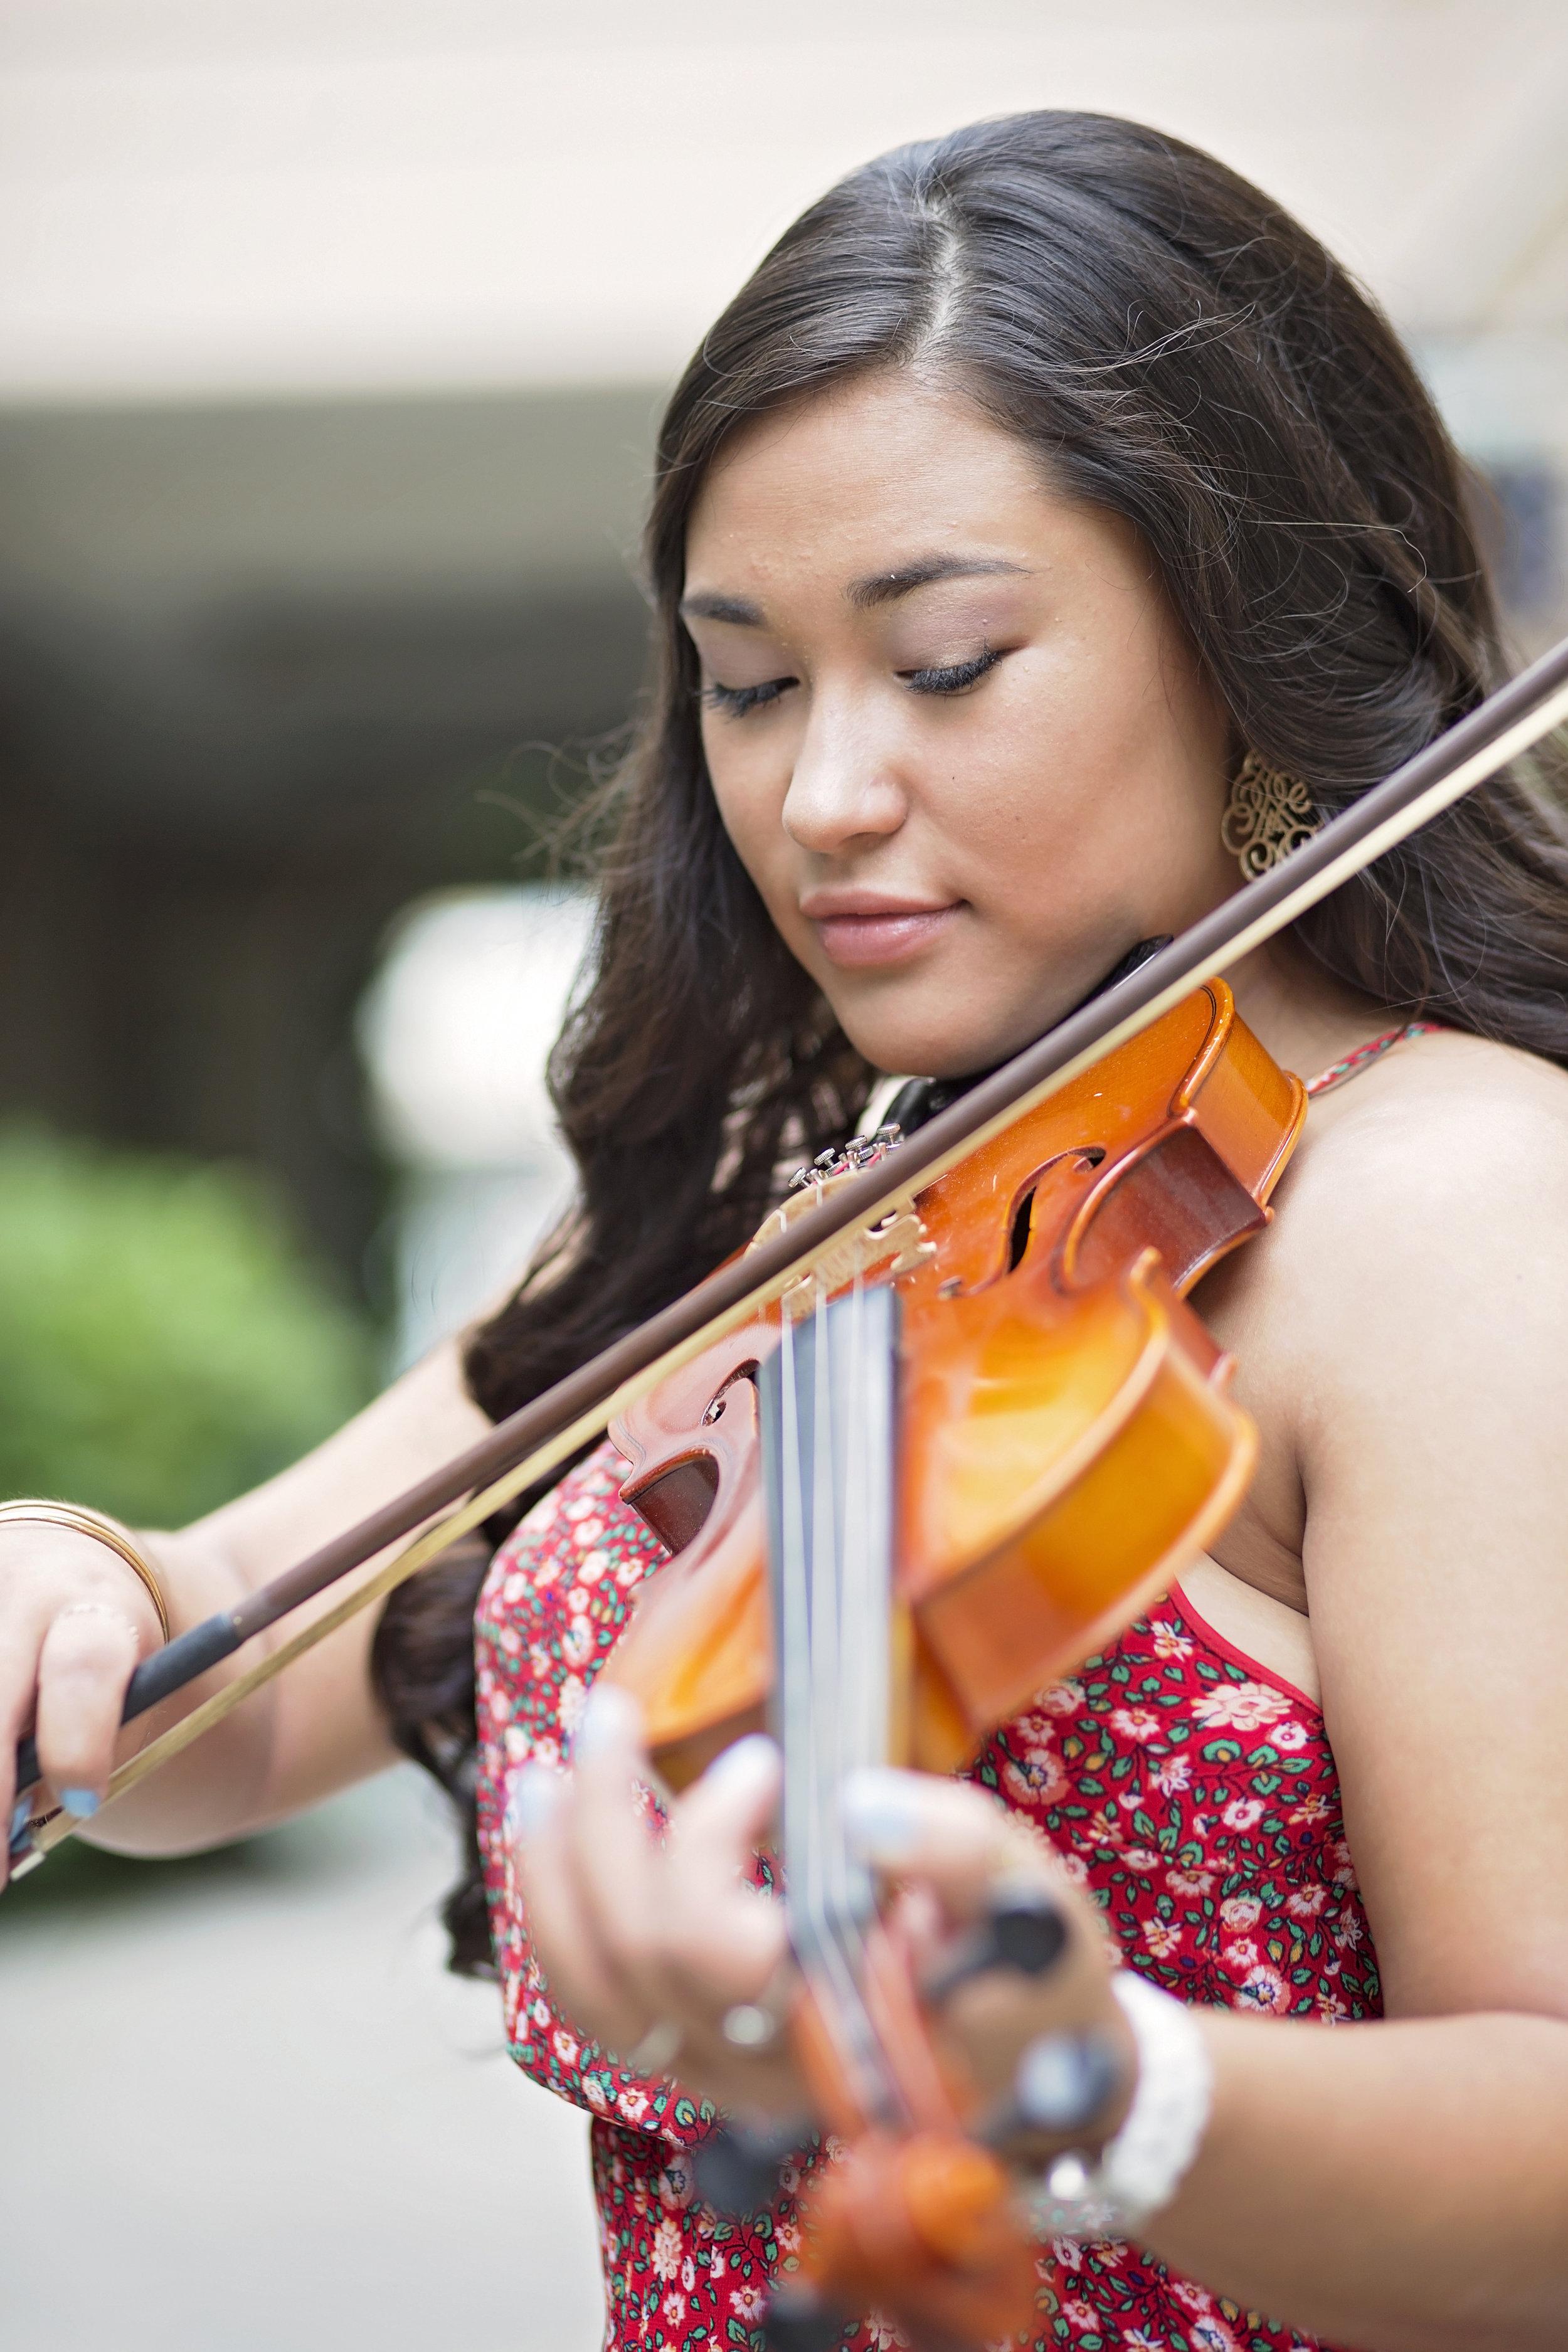 violin senior portraits south carolina